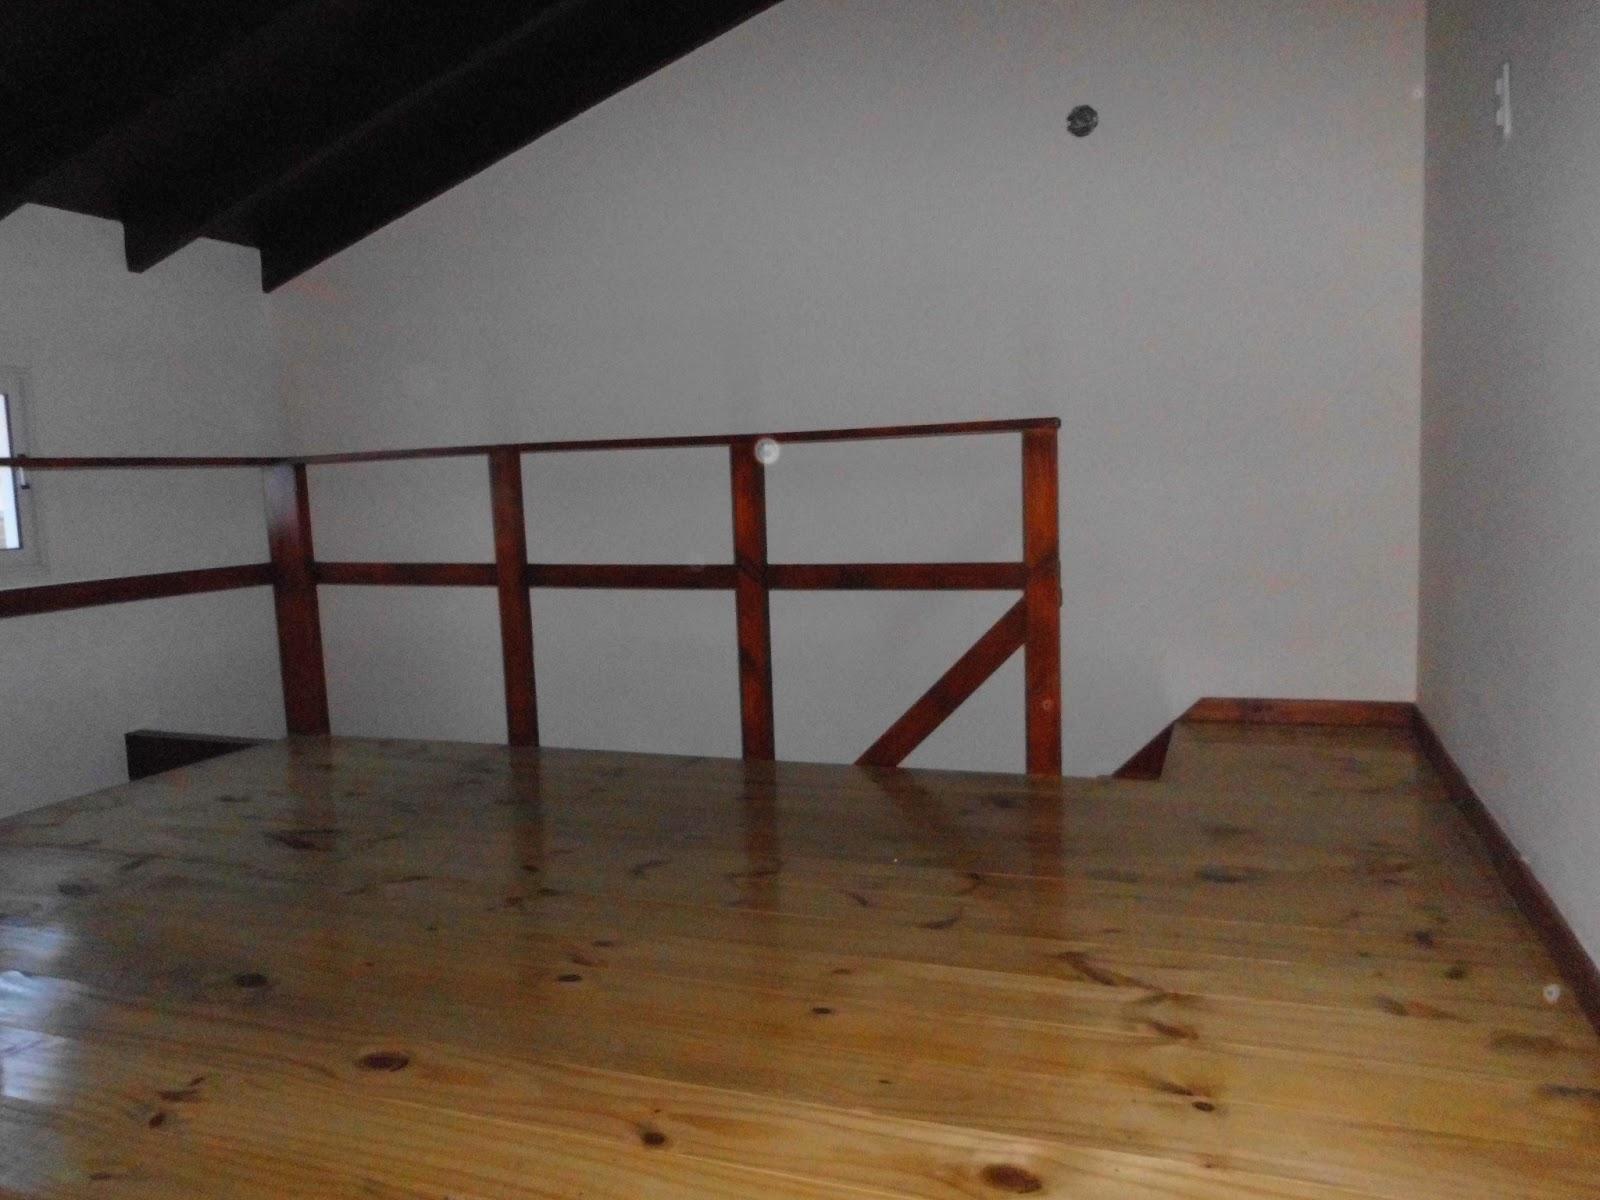 Entrepisos de madera escaleras entrepisos for Escalera de madera para entrepiso